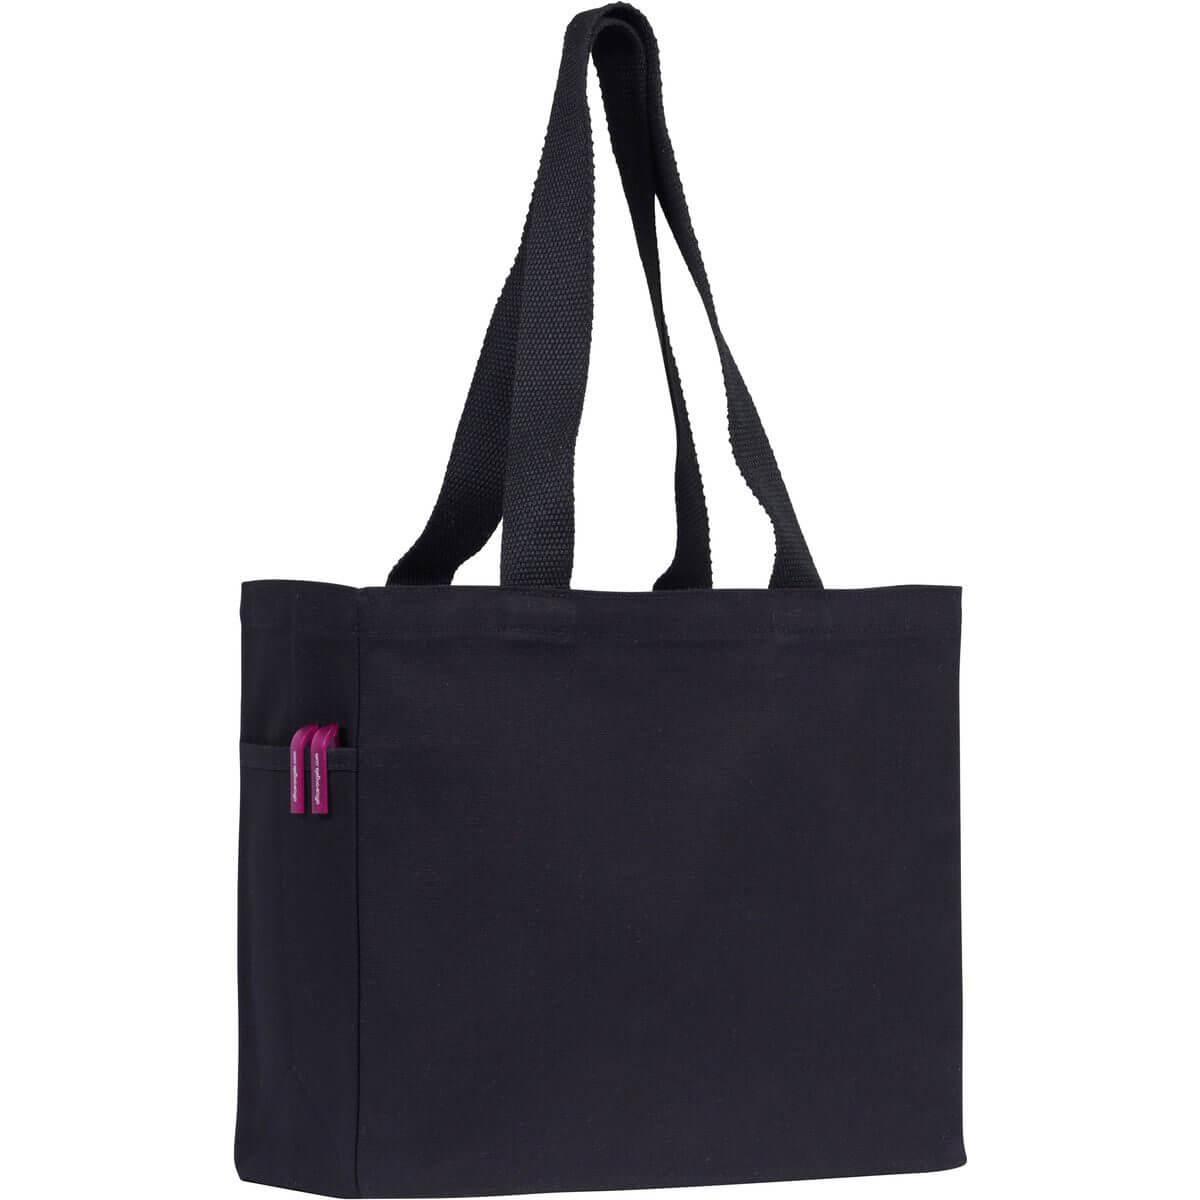 Premium Gusset Cotton Tote Bag